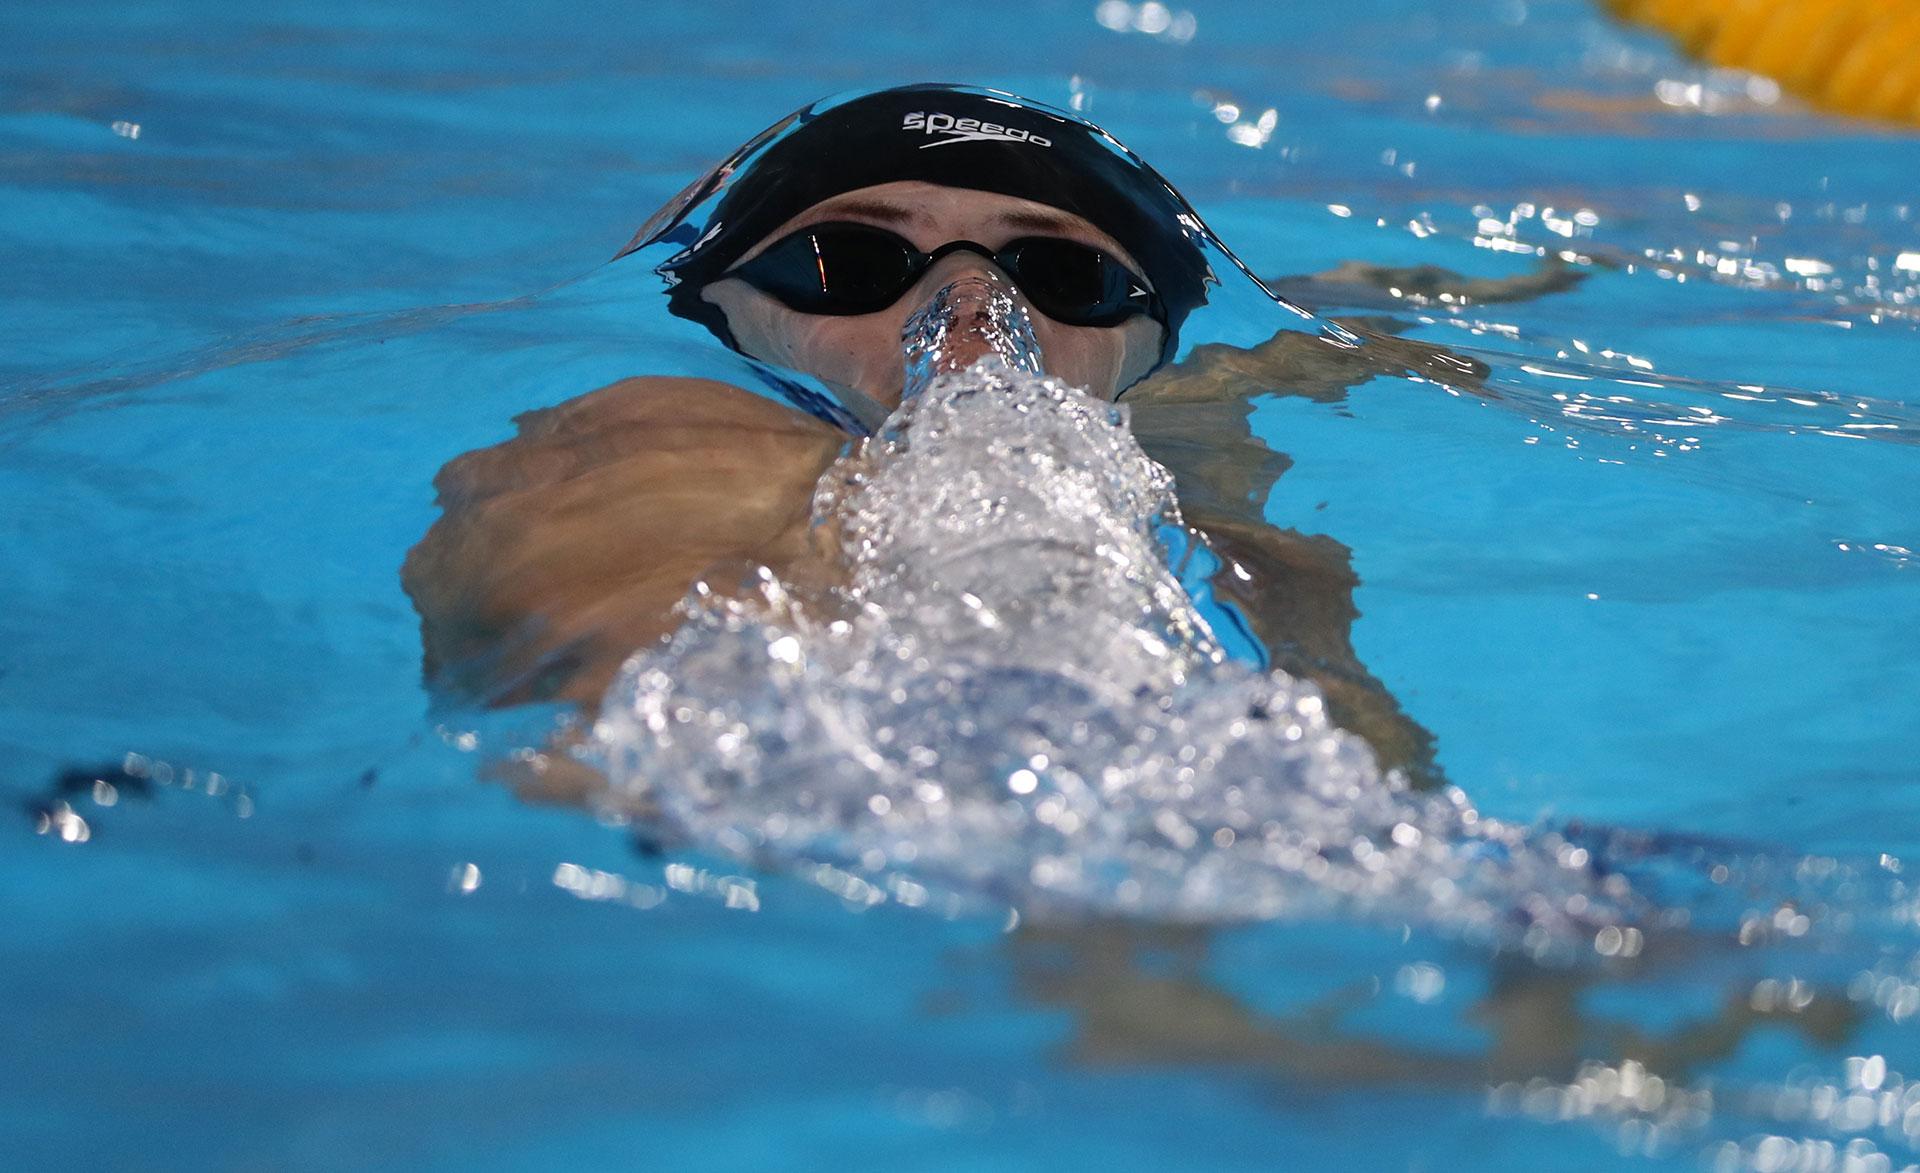 La natación fue una de las pruebas que mayor atención concentró